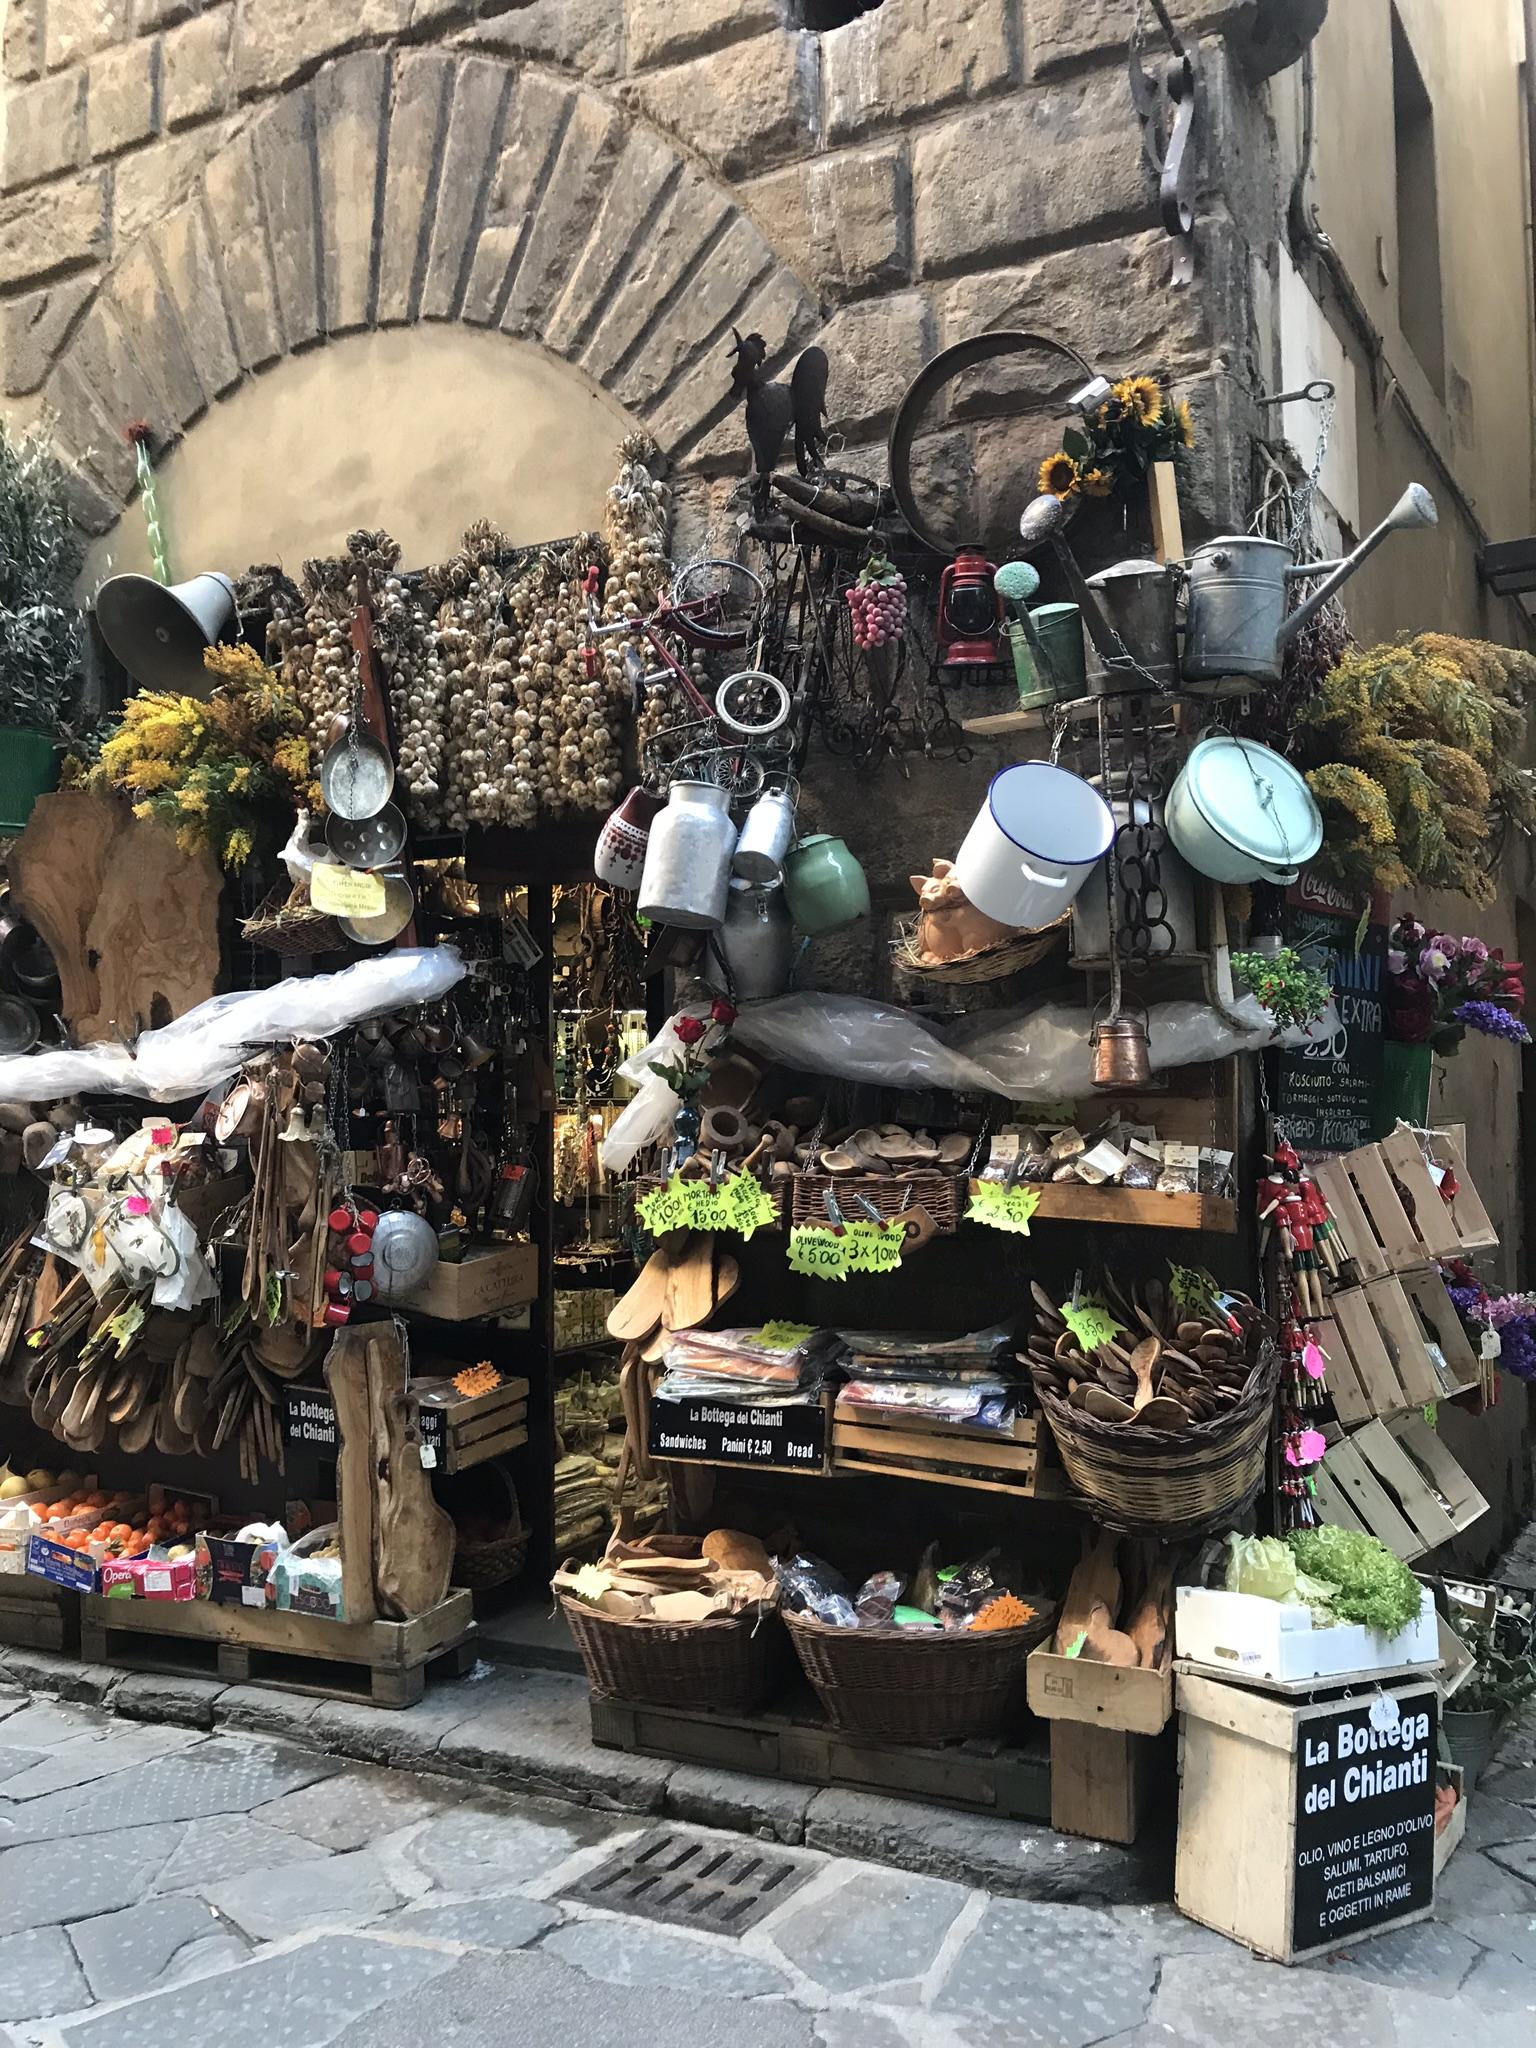 Week one in Firenze